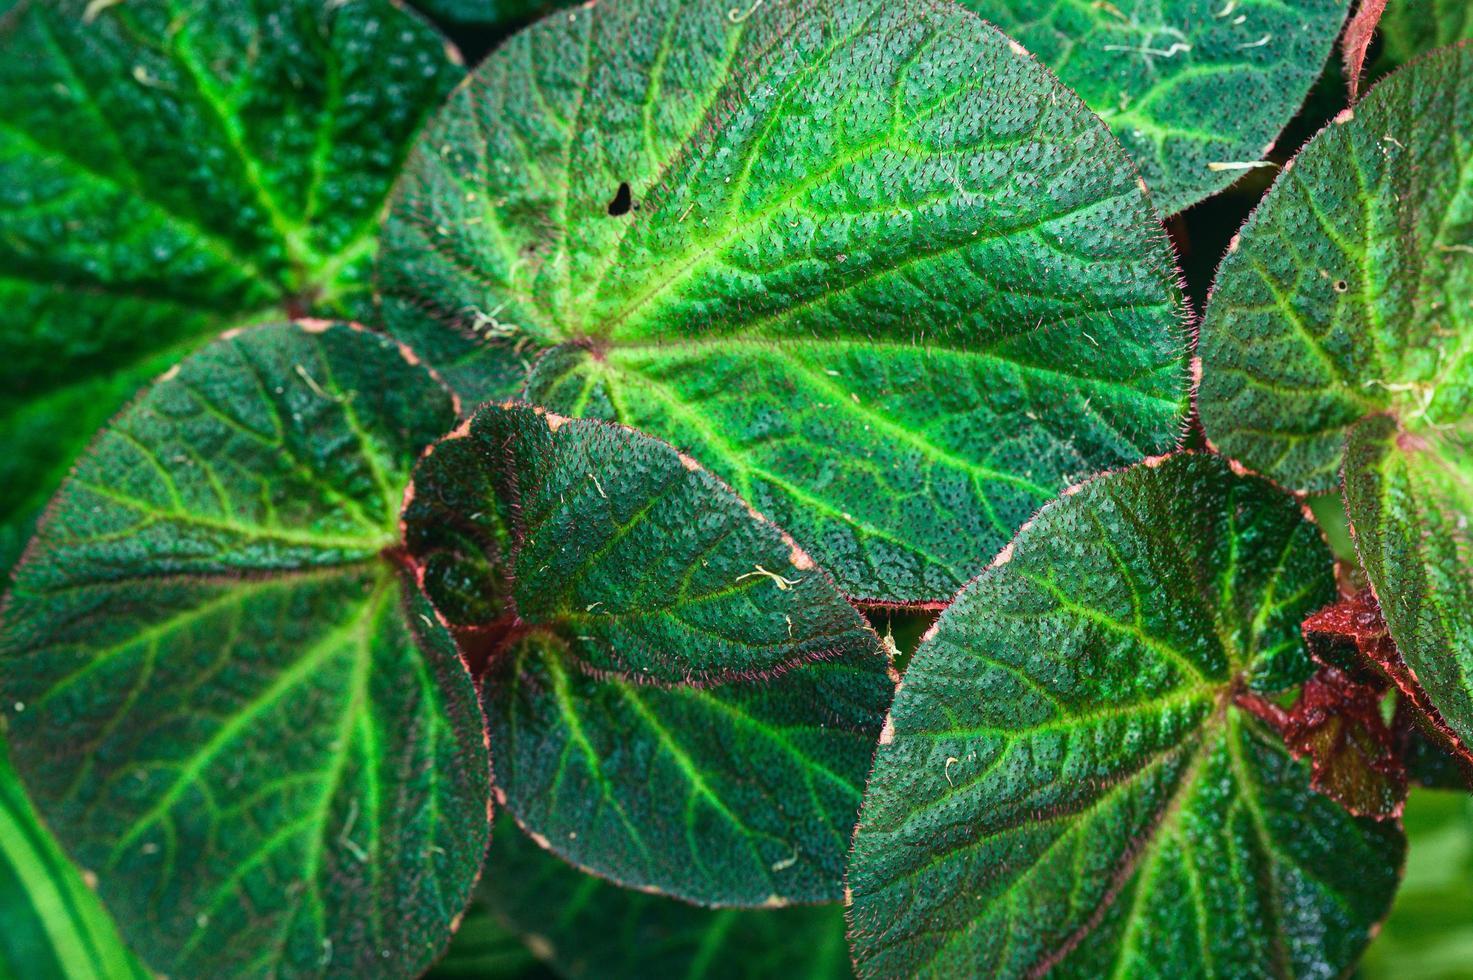 bakgrund gröna blad natur kärlek landskap foto